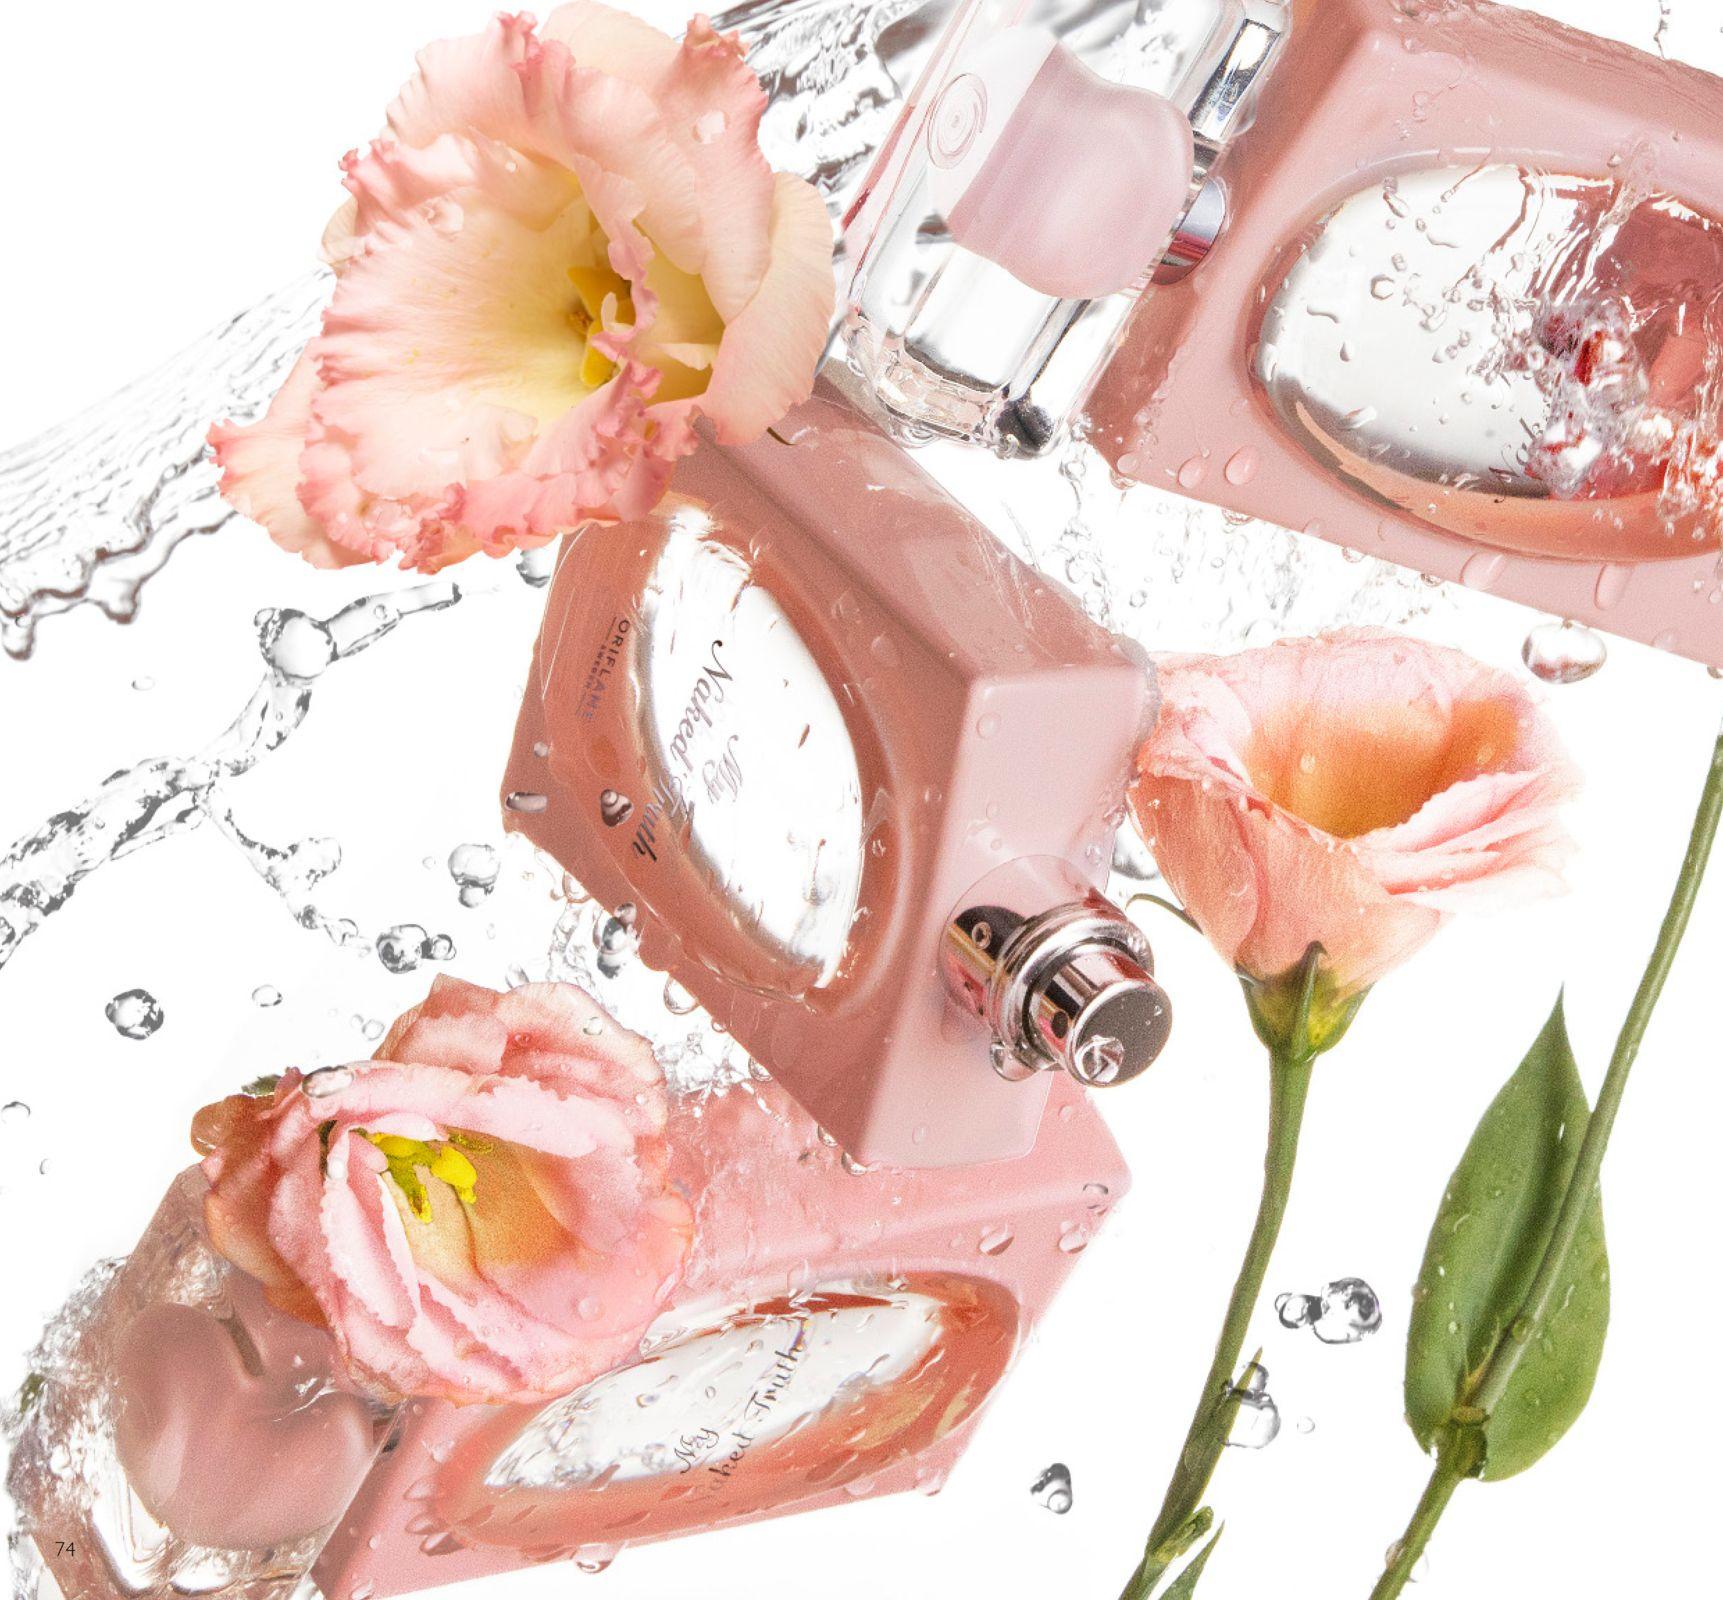 Cбор заказов. Шведская косметика и парфюмерия для всей семьи.Oriflame 14-16